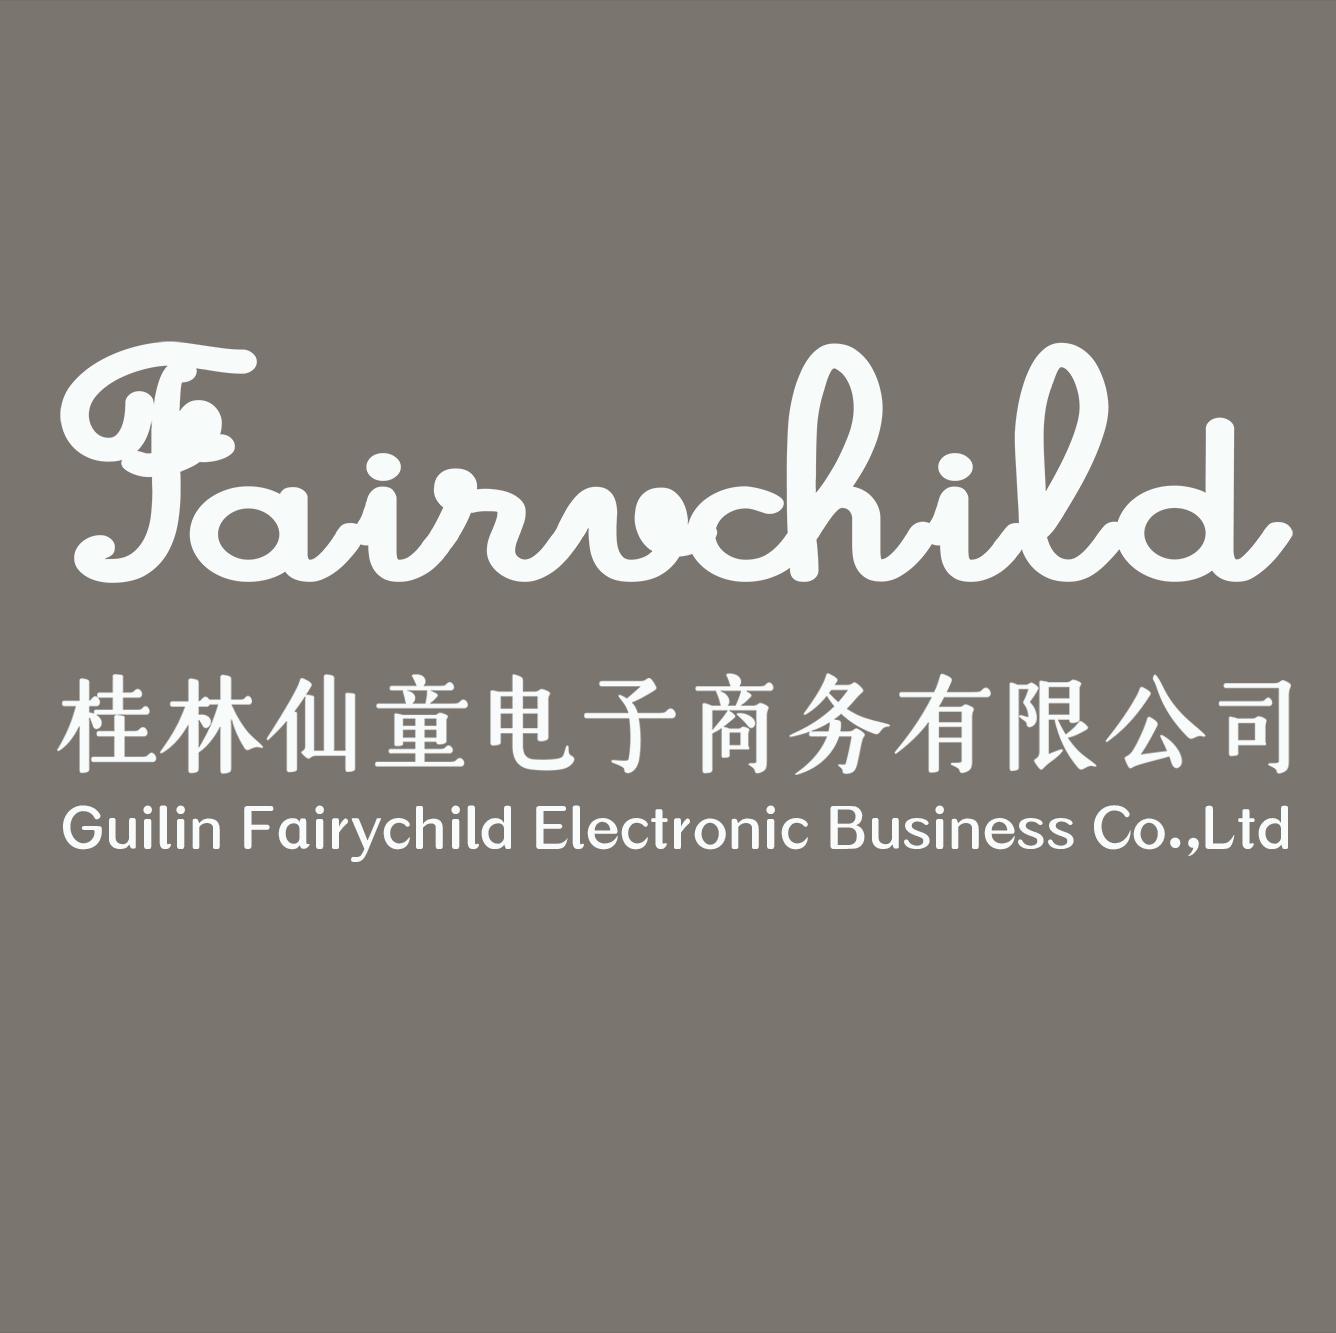 桂林仙童电子商务有限公司招聘:公司标志 logo